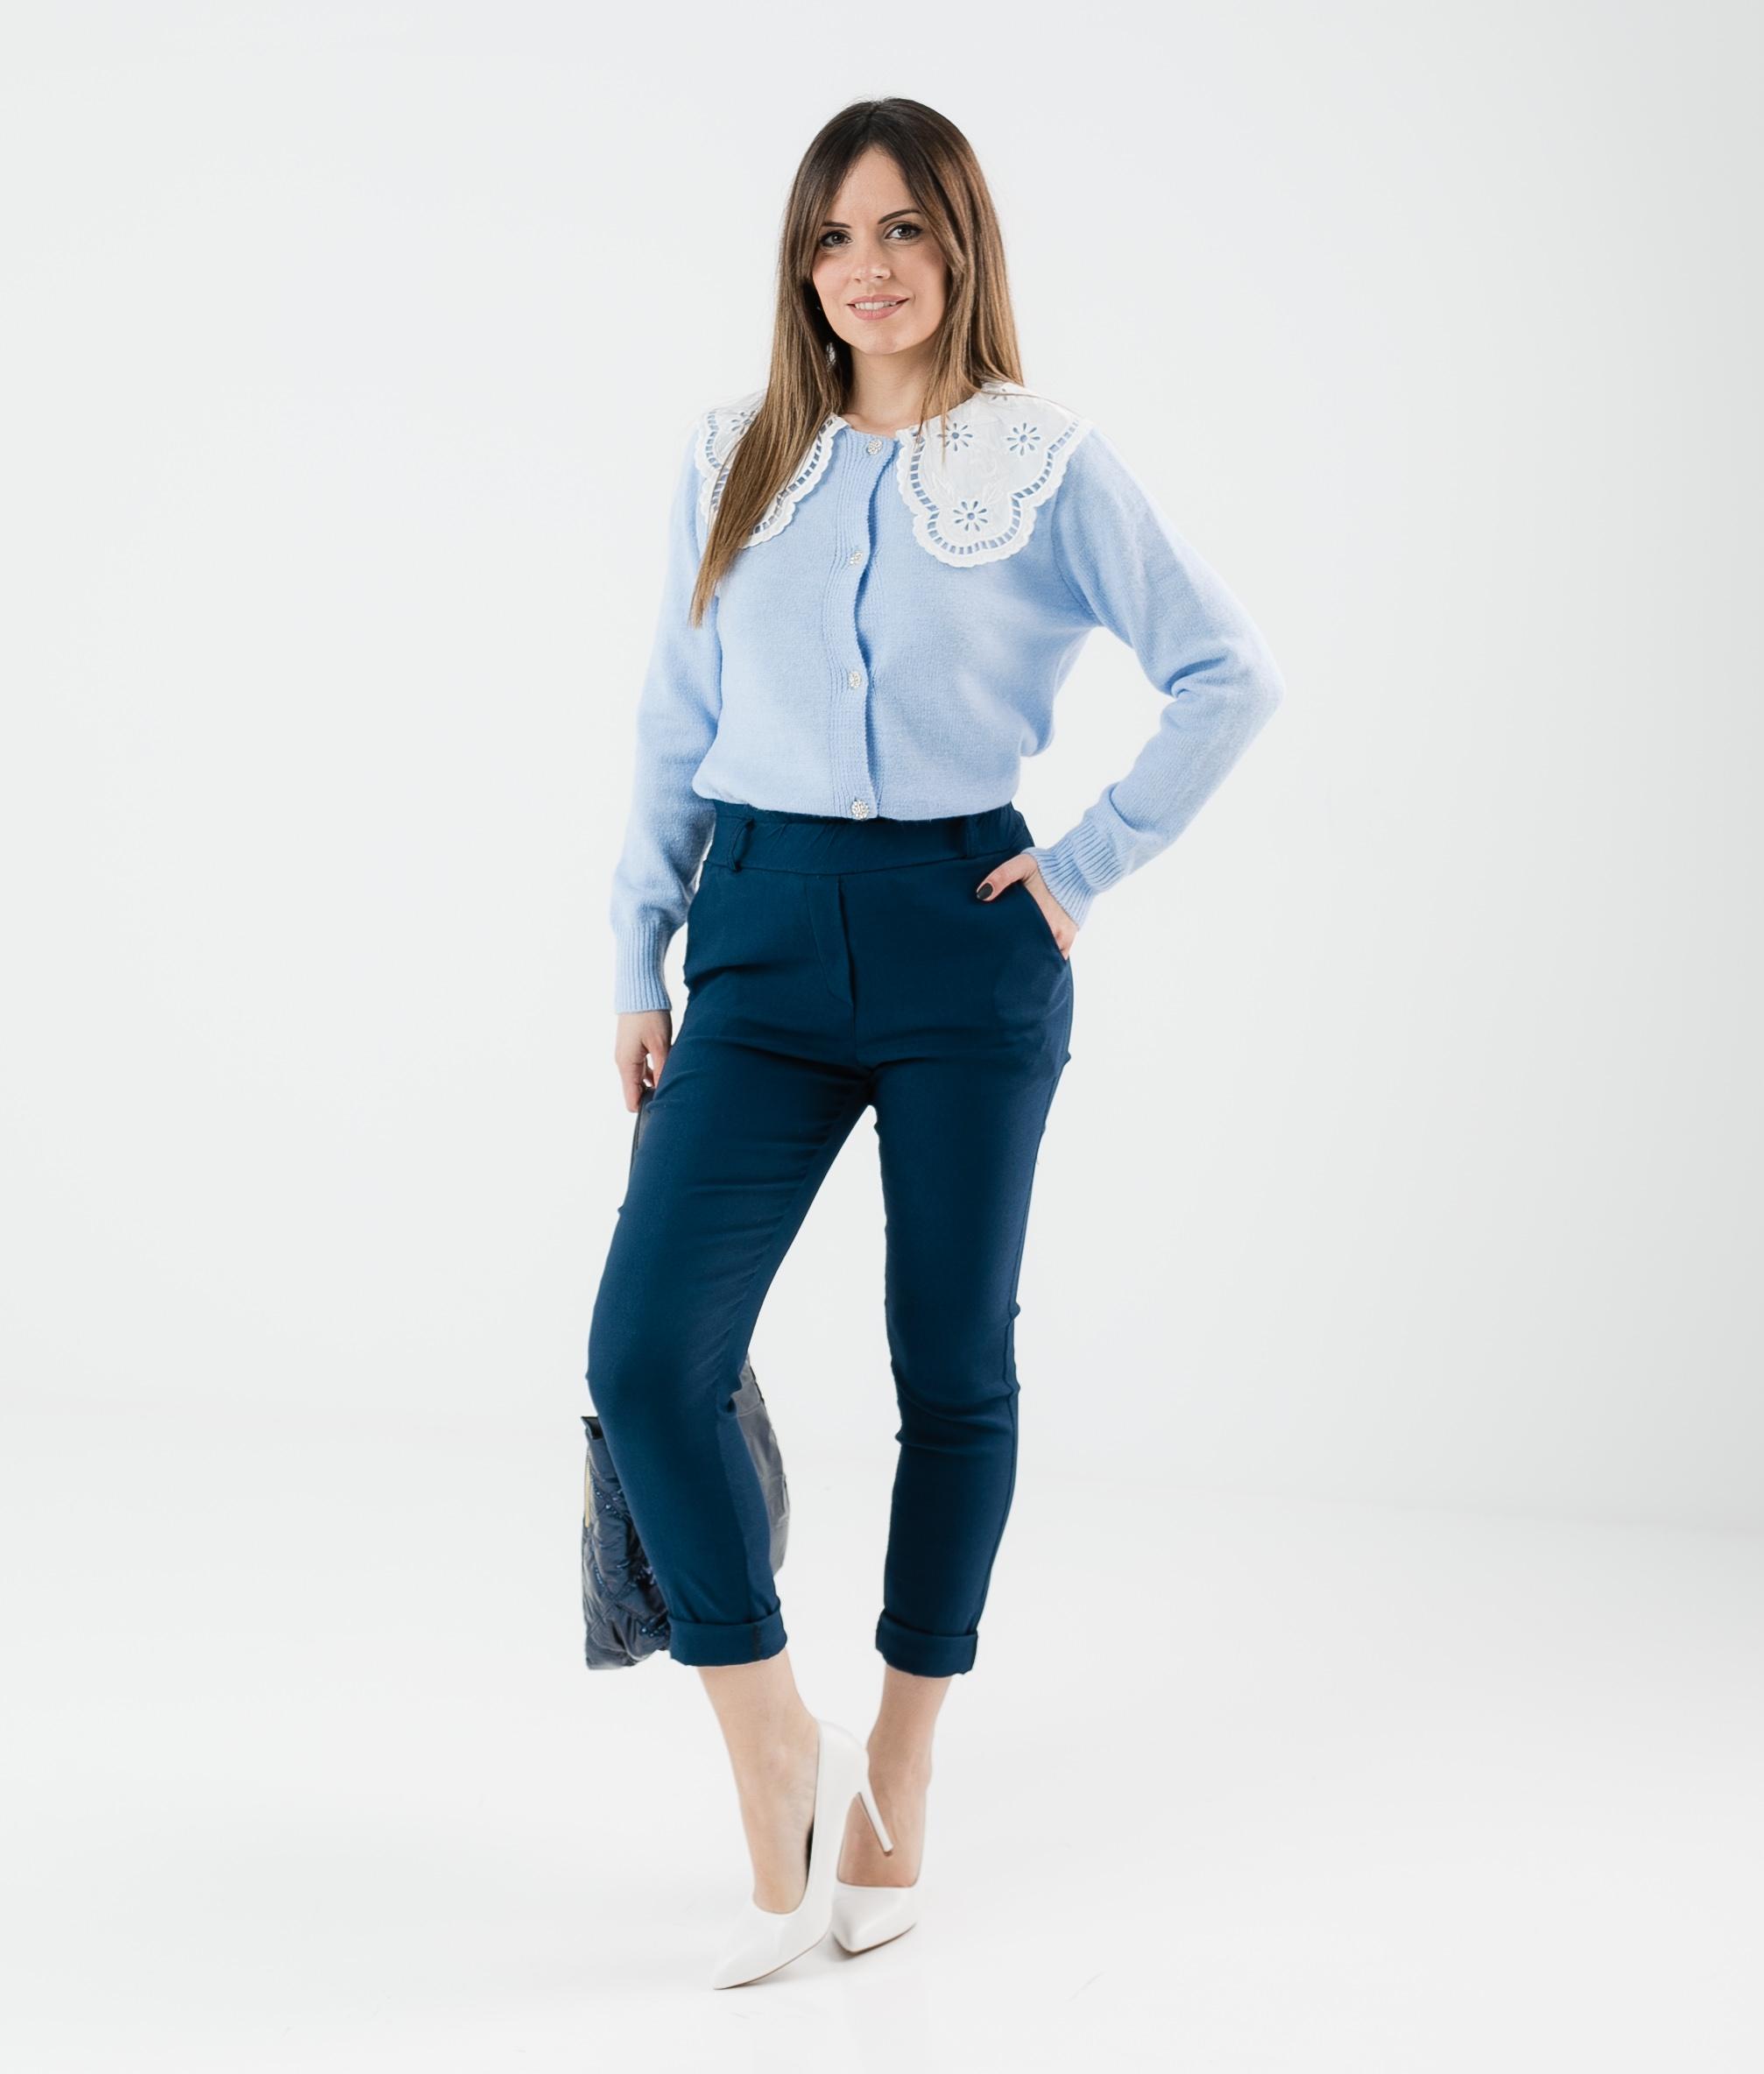 Calça Adriel - Azul Marinho